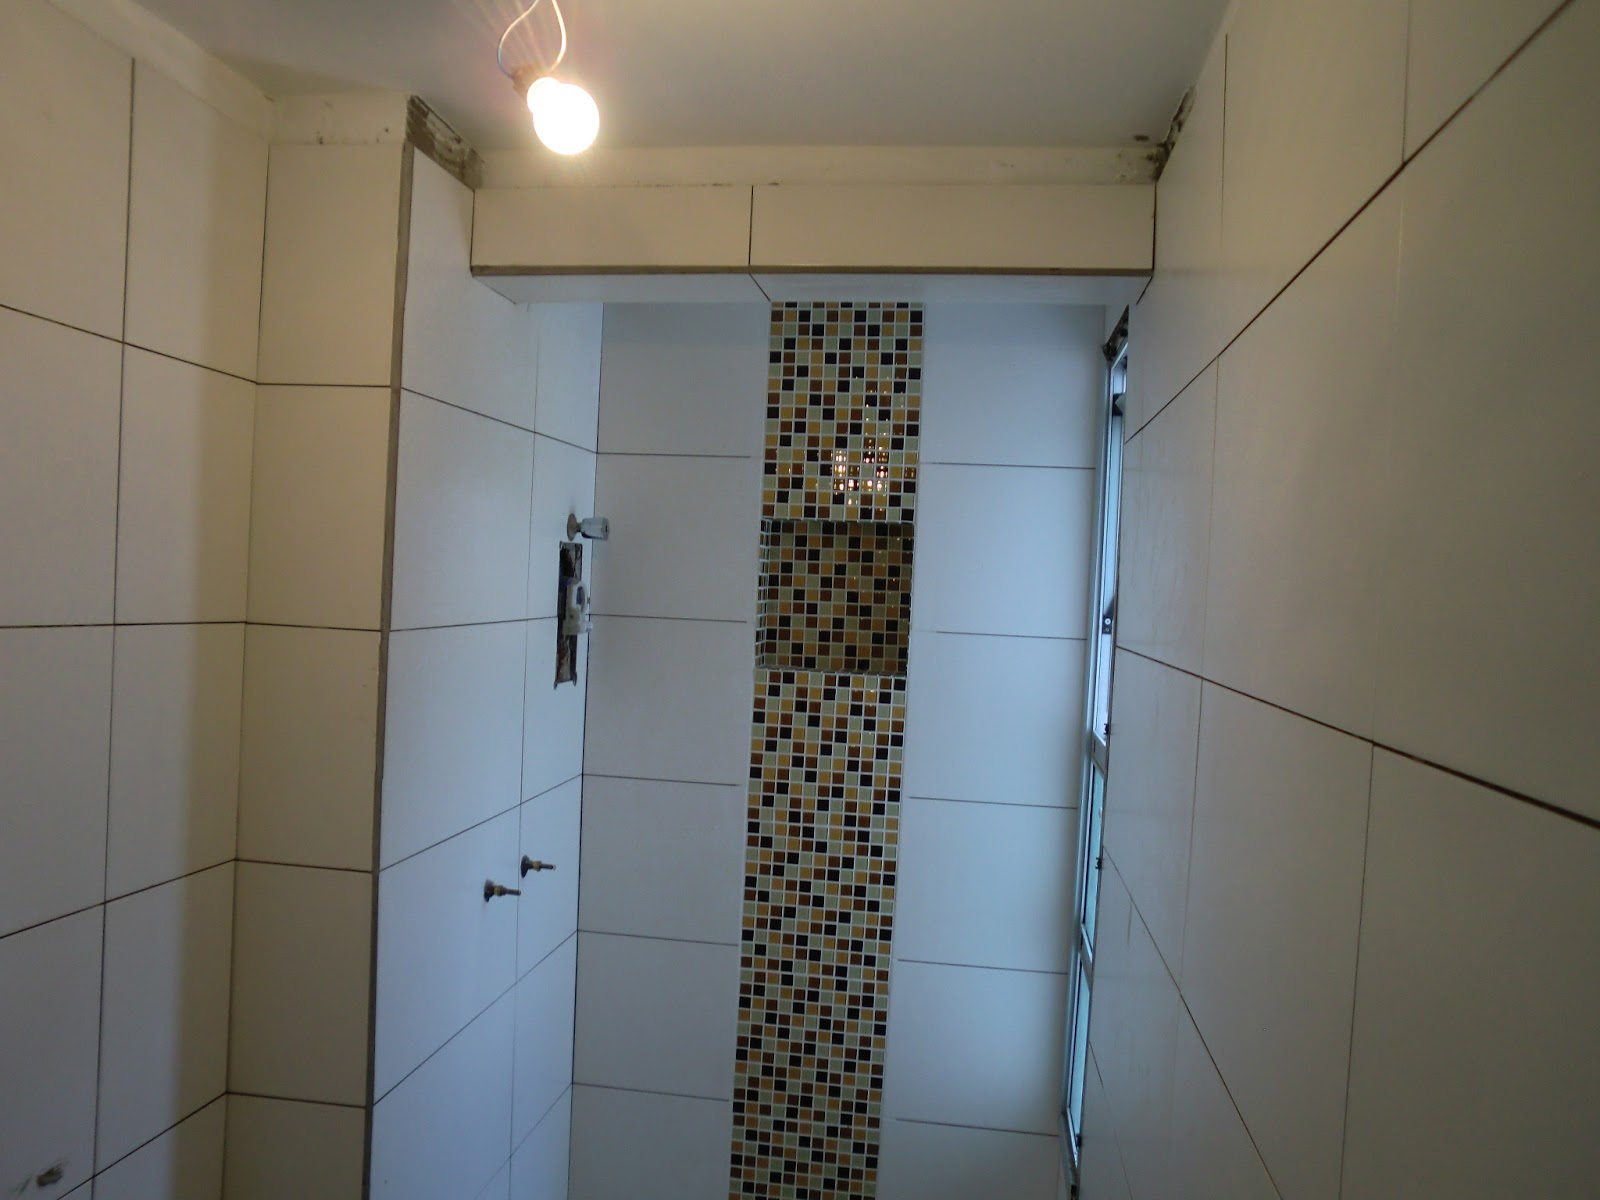 Acabamento com Cantoneira de Alumínio para quinas de azulejo e vigas #3F698C 1600x1200 Banheiro Com Azulejo No Teto